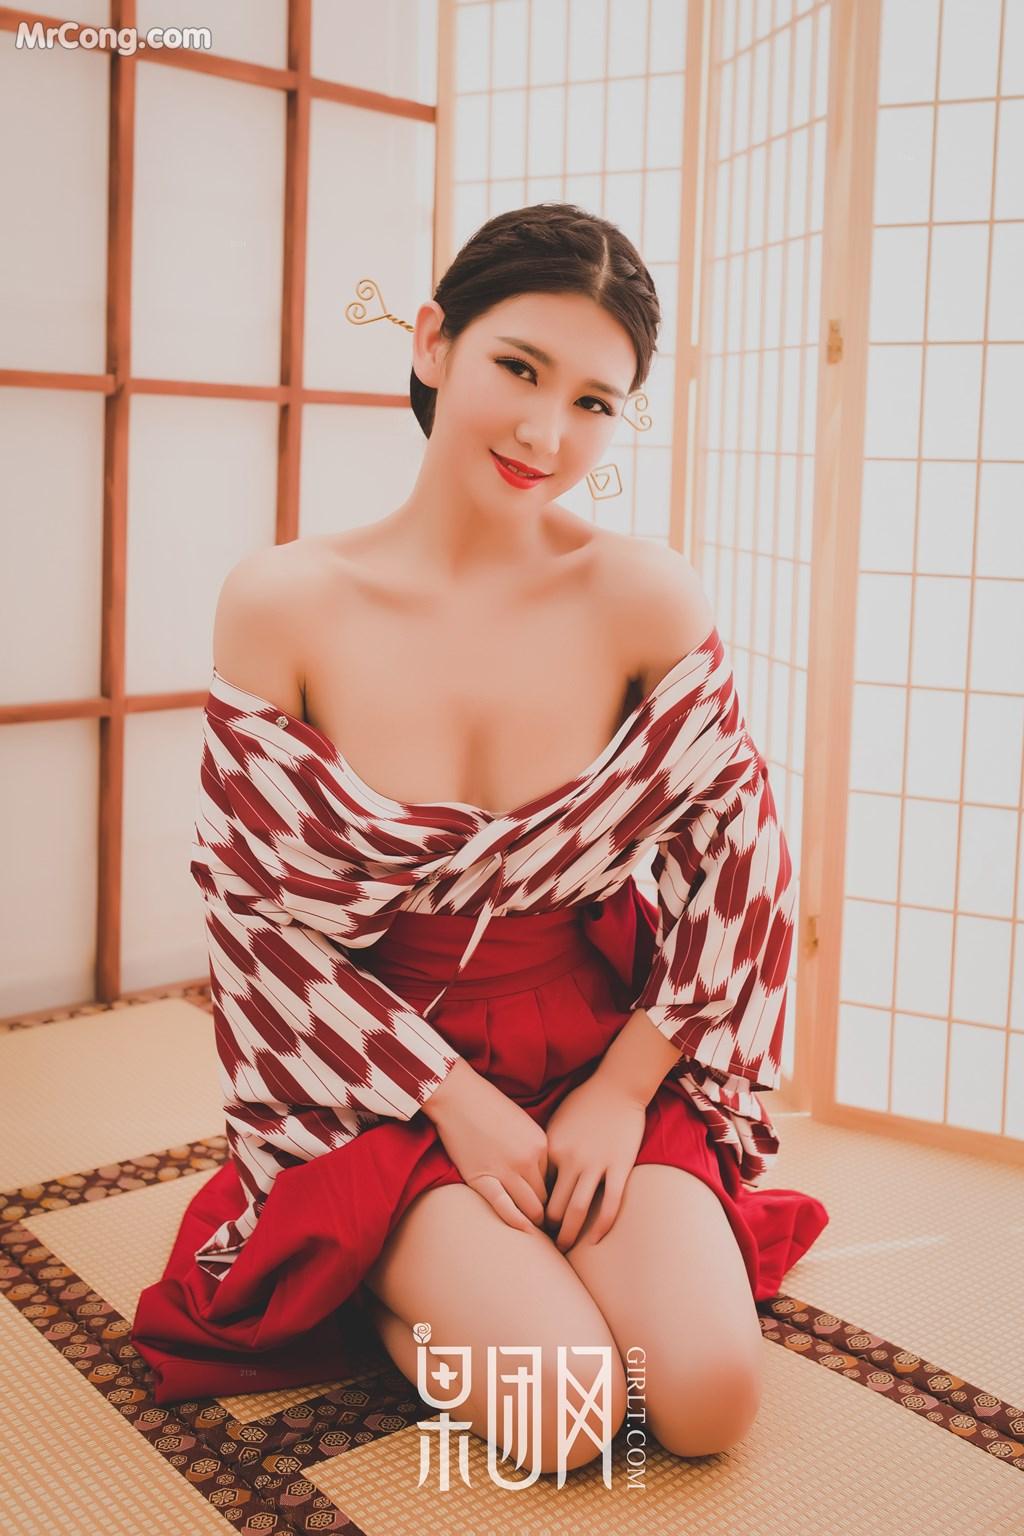 Image GIRLT-No.115-MrCong.com-005 in post GIRLT No.115 (51 ảnh)